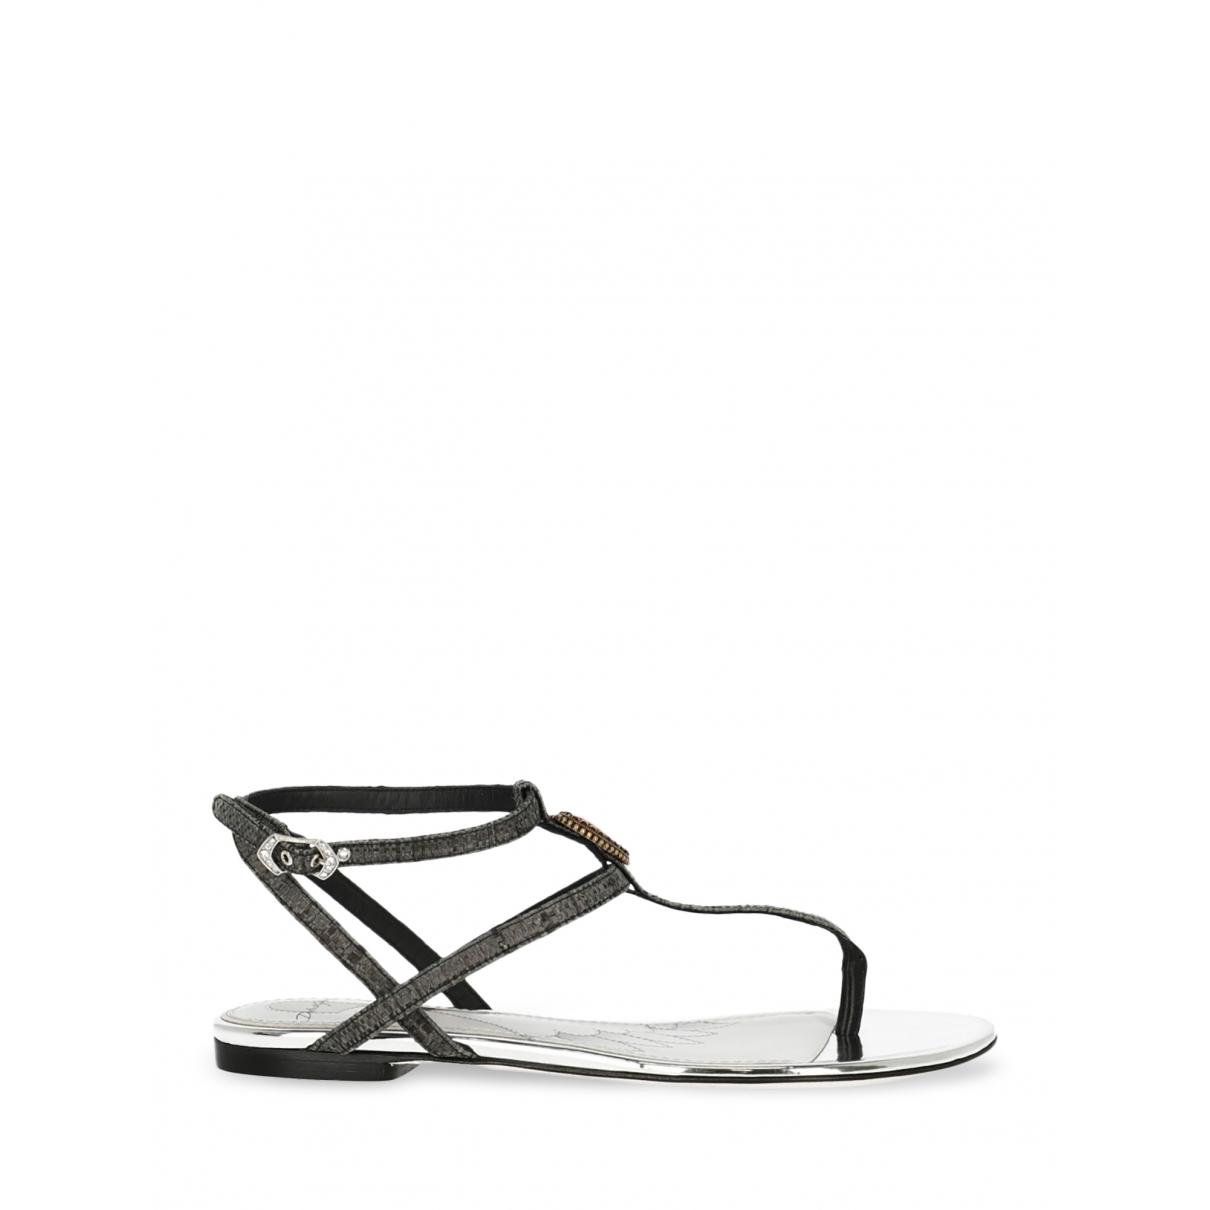 Dolce & Gabbana - Sandales   pour femme en cuir - gris